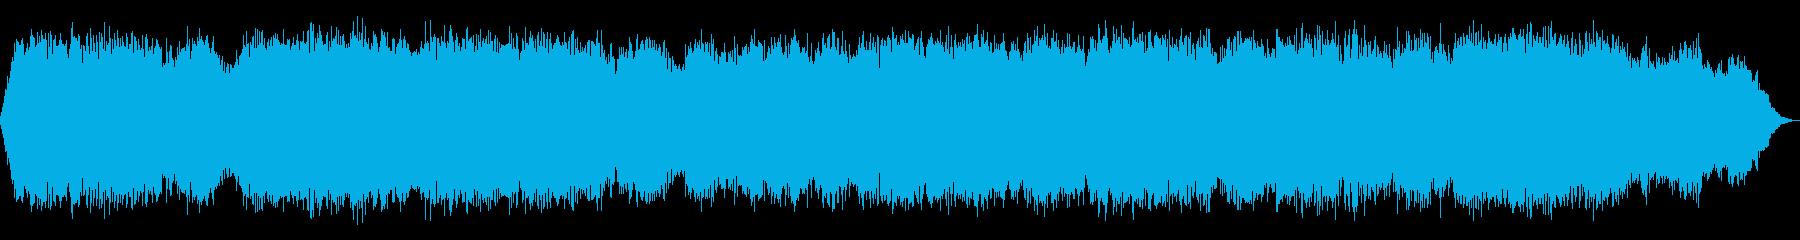 謎めいたスペースストリングドローン...の再生済みの波形